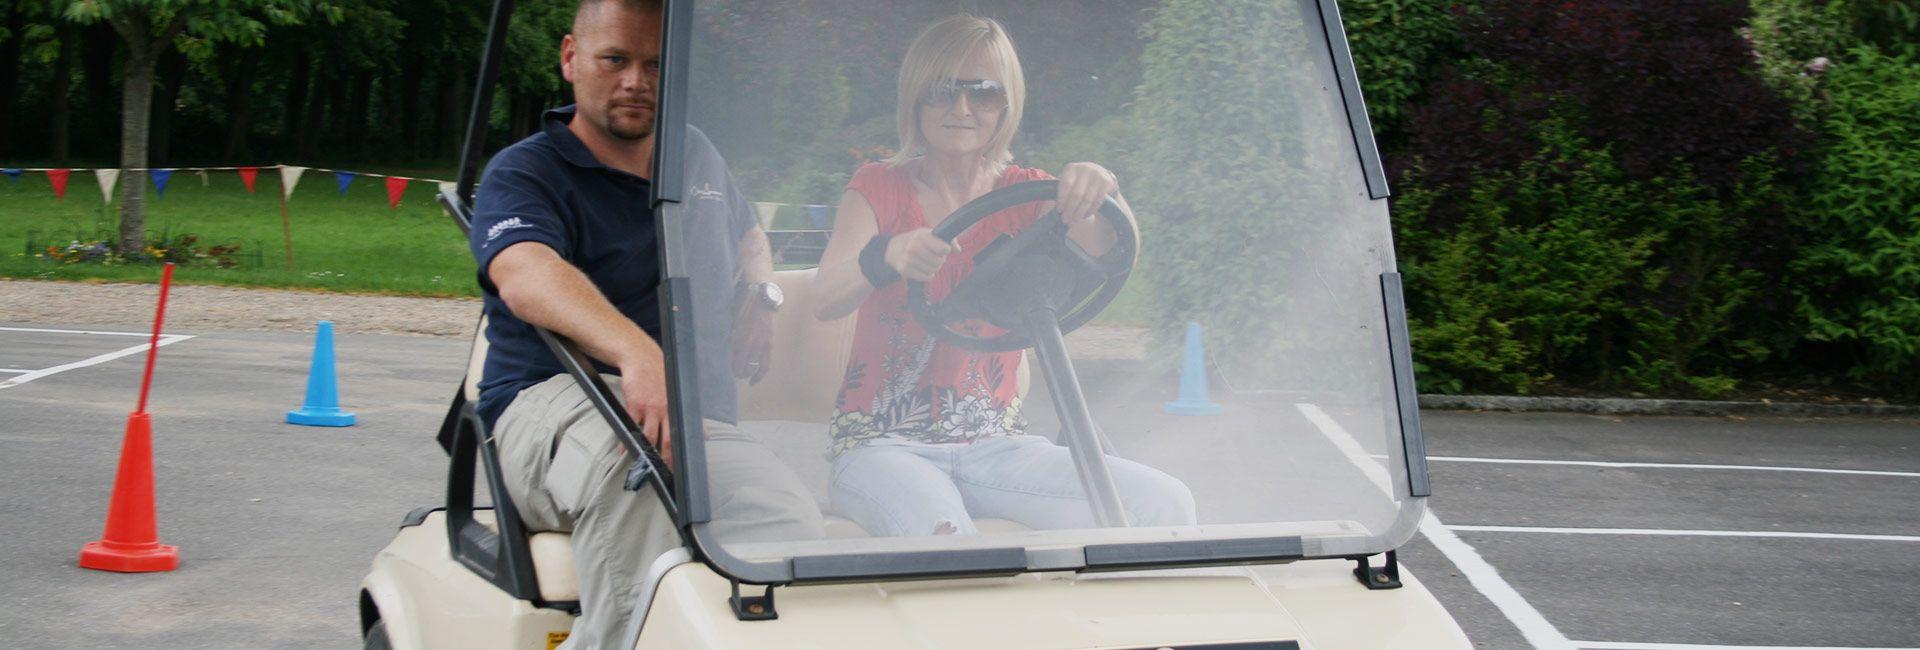 reverse steer driving